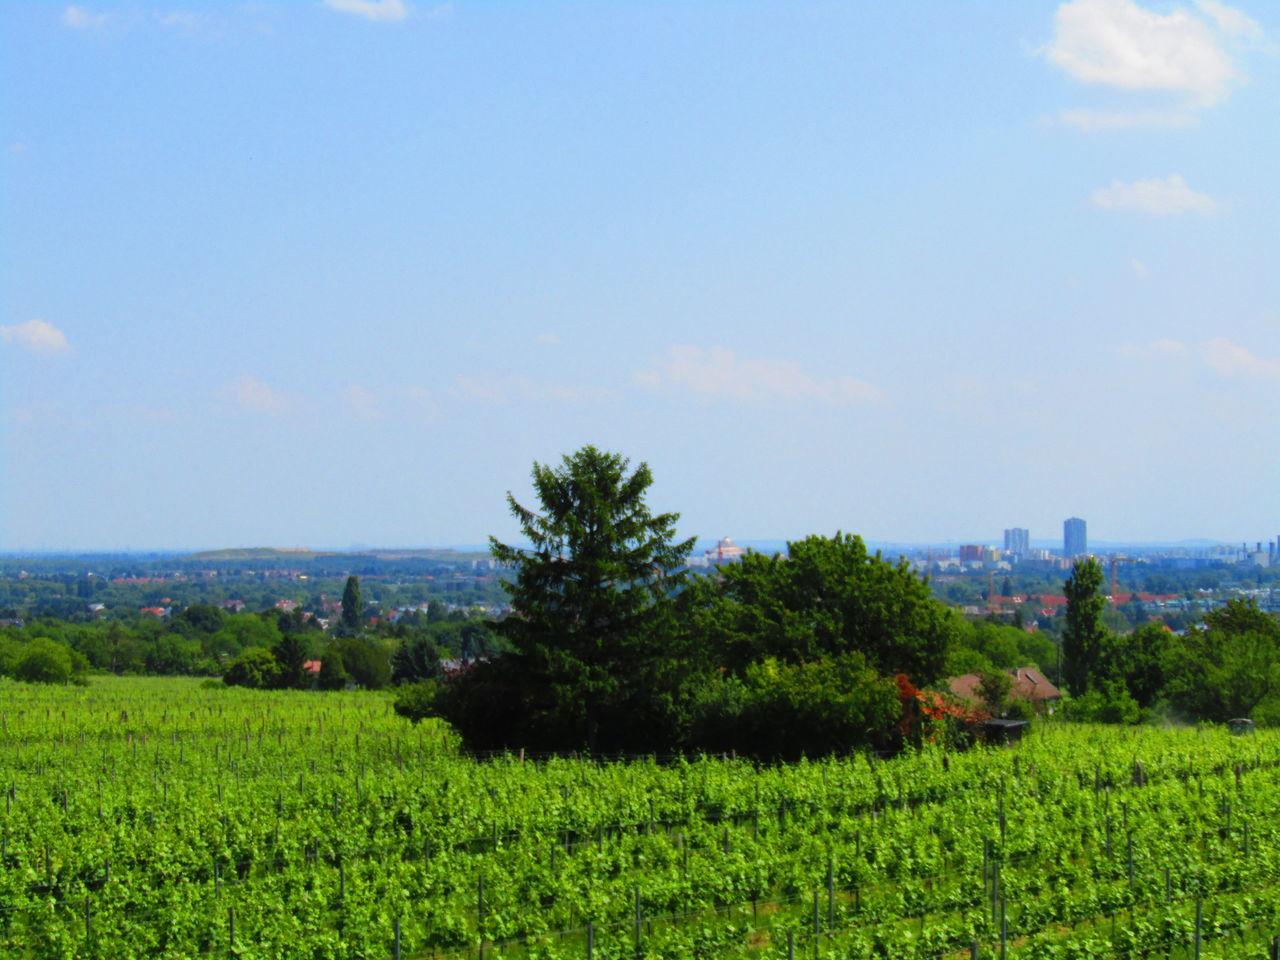 Growth Field Vineyard Vienna Stammersdorf Austria Weingarten Wein Wine Agriculture Landscape No People Green Color Tranquility